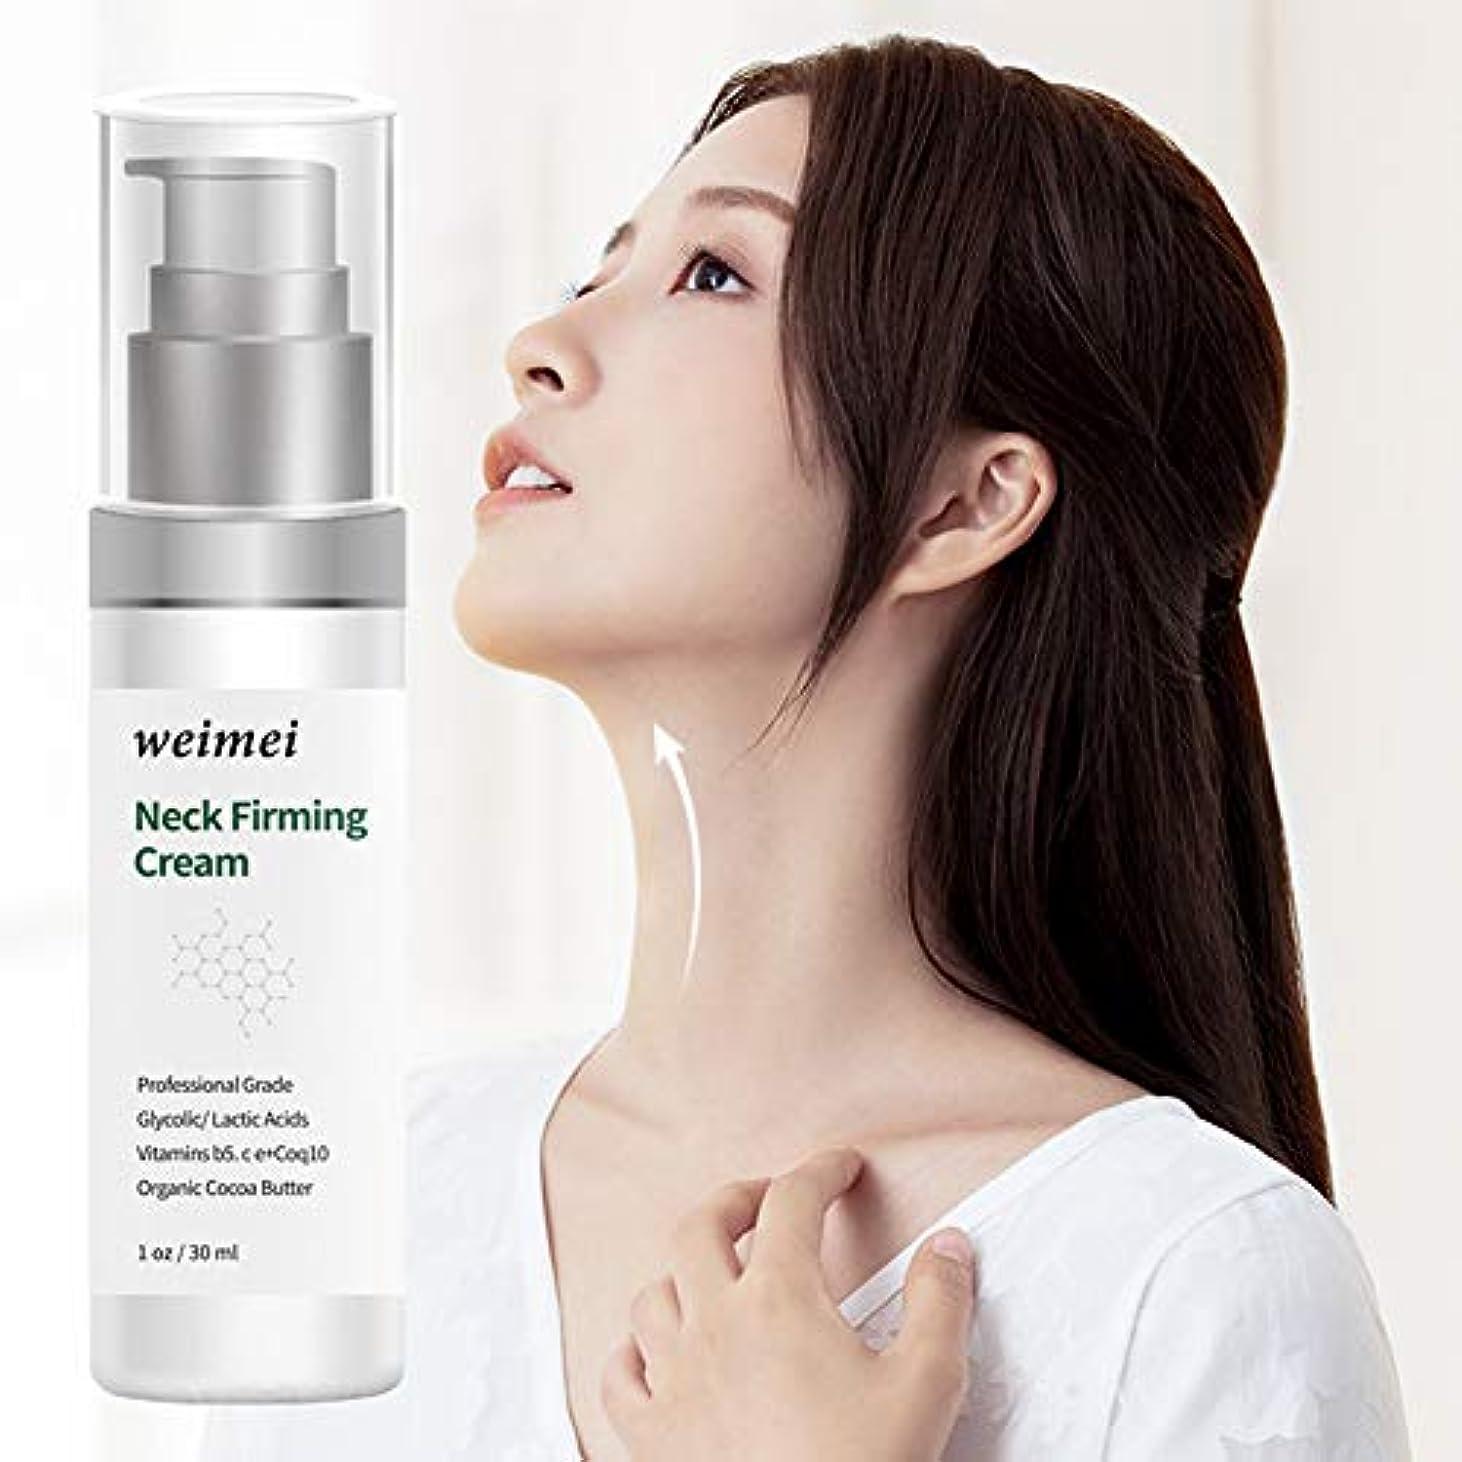 実施する賢明なスリットBalai ネックファーミングクリーム 首のしわを効果的に除去し 首の皮膚製品を白くします。